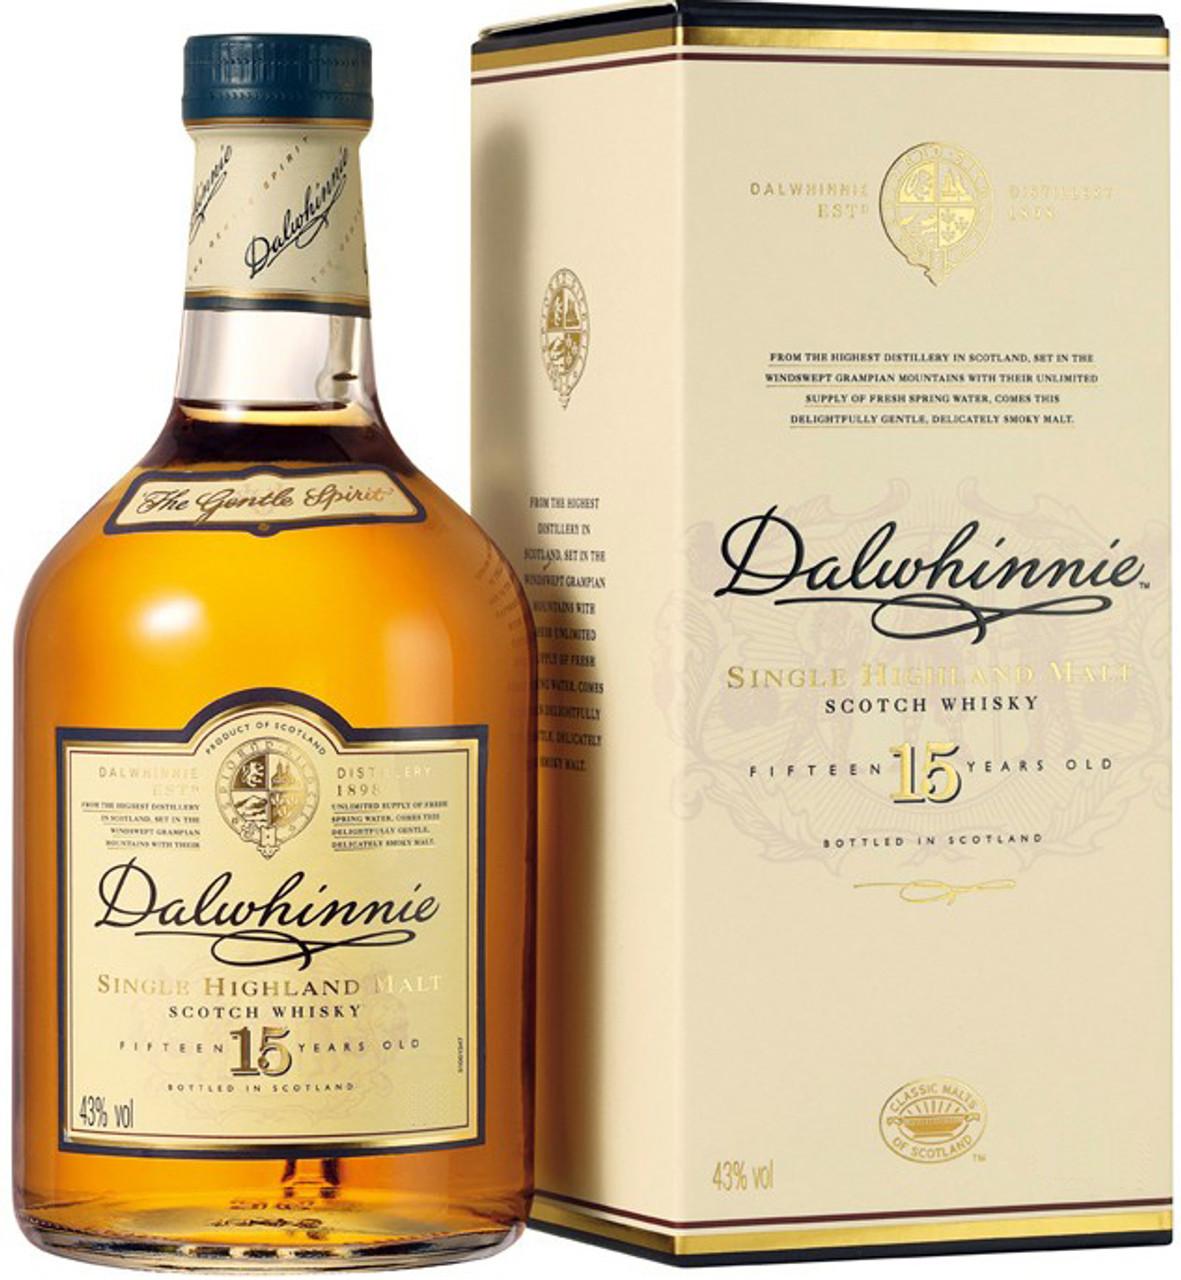 Dalwhinnie 15 Year Single Malt Scotch Whisky 750ml